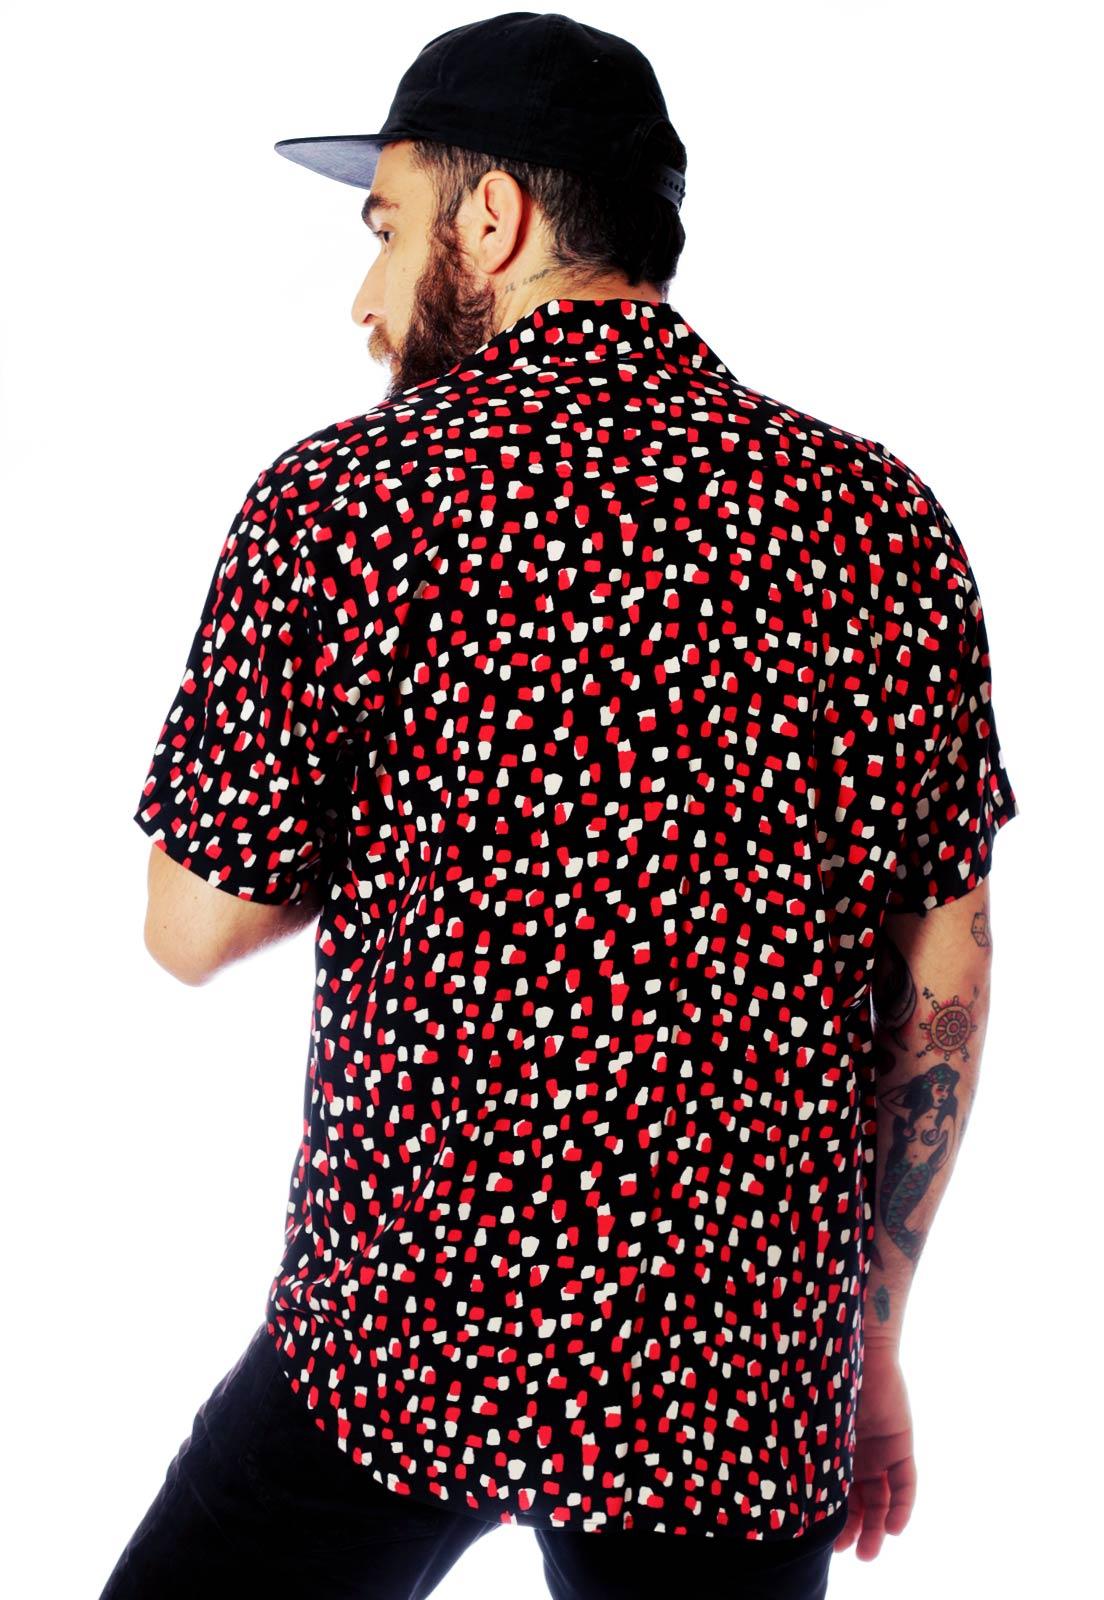 Camisa Arte Fundo Preto Estampada ElephunK Munique Preta